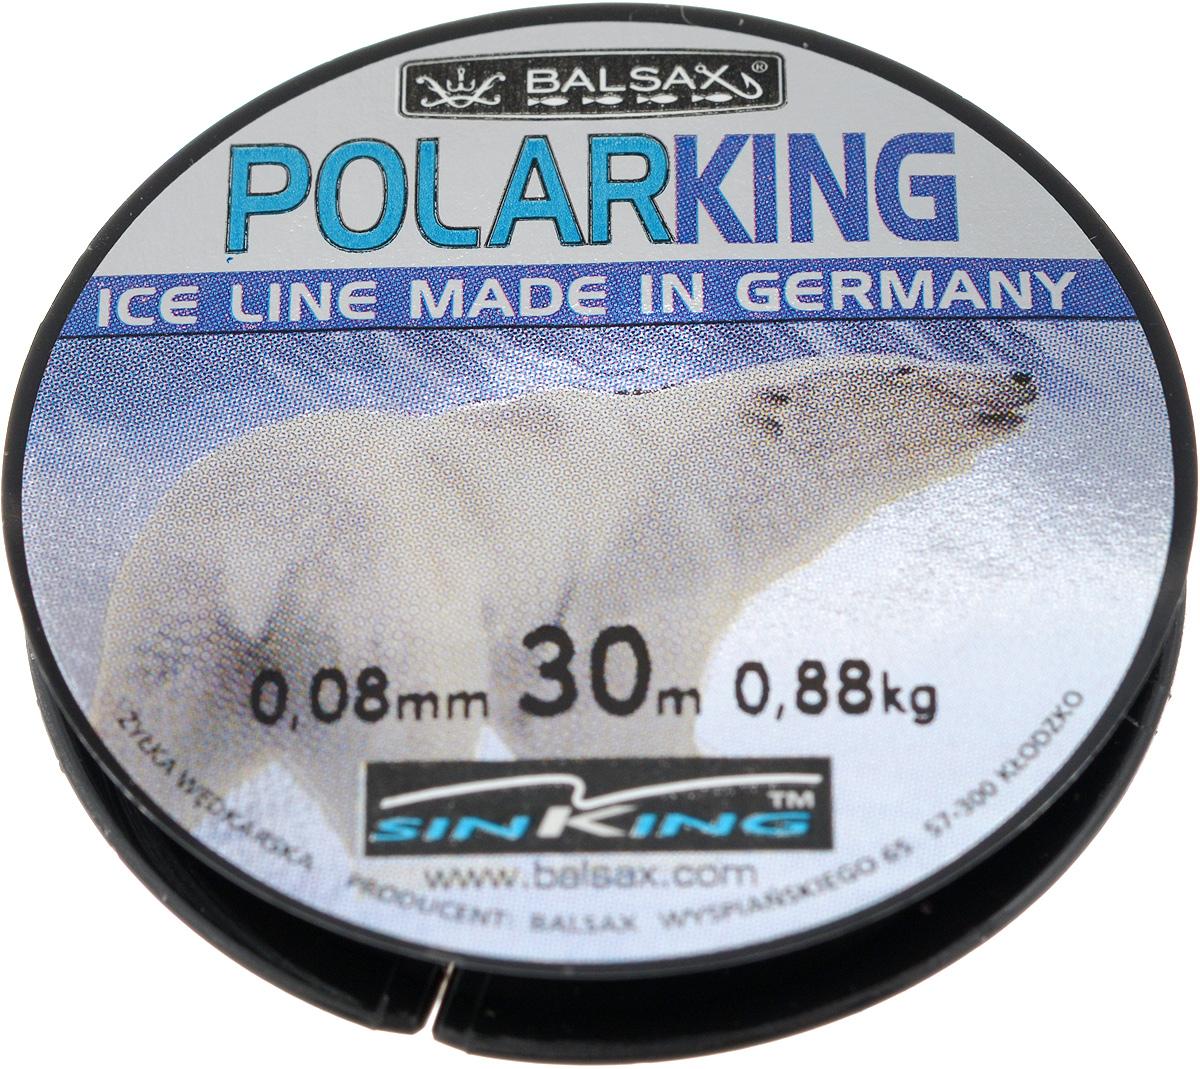 Леска зимняя Balsax Polar King, 30 м, 0,08 мм, 0,88 кг95437-530Леска Balsax Polar King изготовлена из 100% нейлона и очень хорошо выдерживает низкие температуры. Даже в самом холодном климате, при температуре вплоть до -40°C, она сохраняет свои свойства практически без изменений, в то время как традиционные лески становятся менее эластичными и теряют прочность.Поверхность лески обработана таким образом, что она не обмерзает и отлично подходит для подледного лова. Прочна в местах вязки узлов даже при минимальном диаметре.